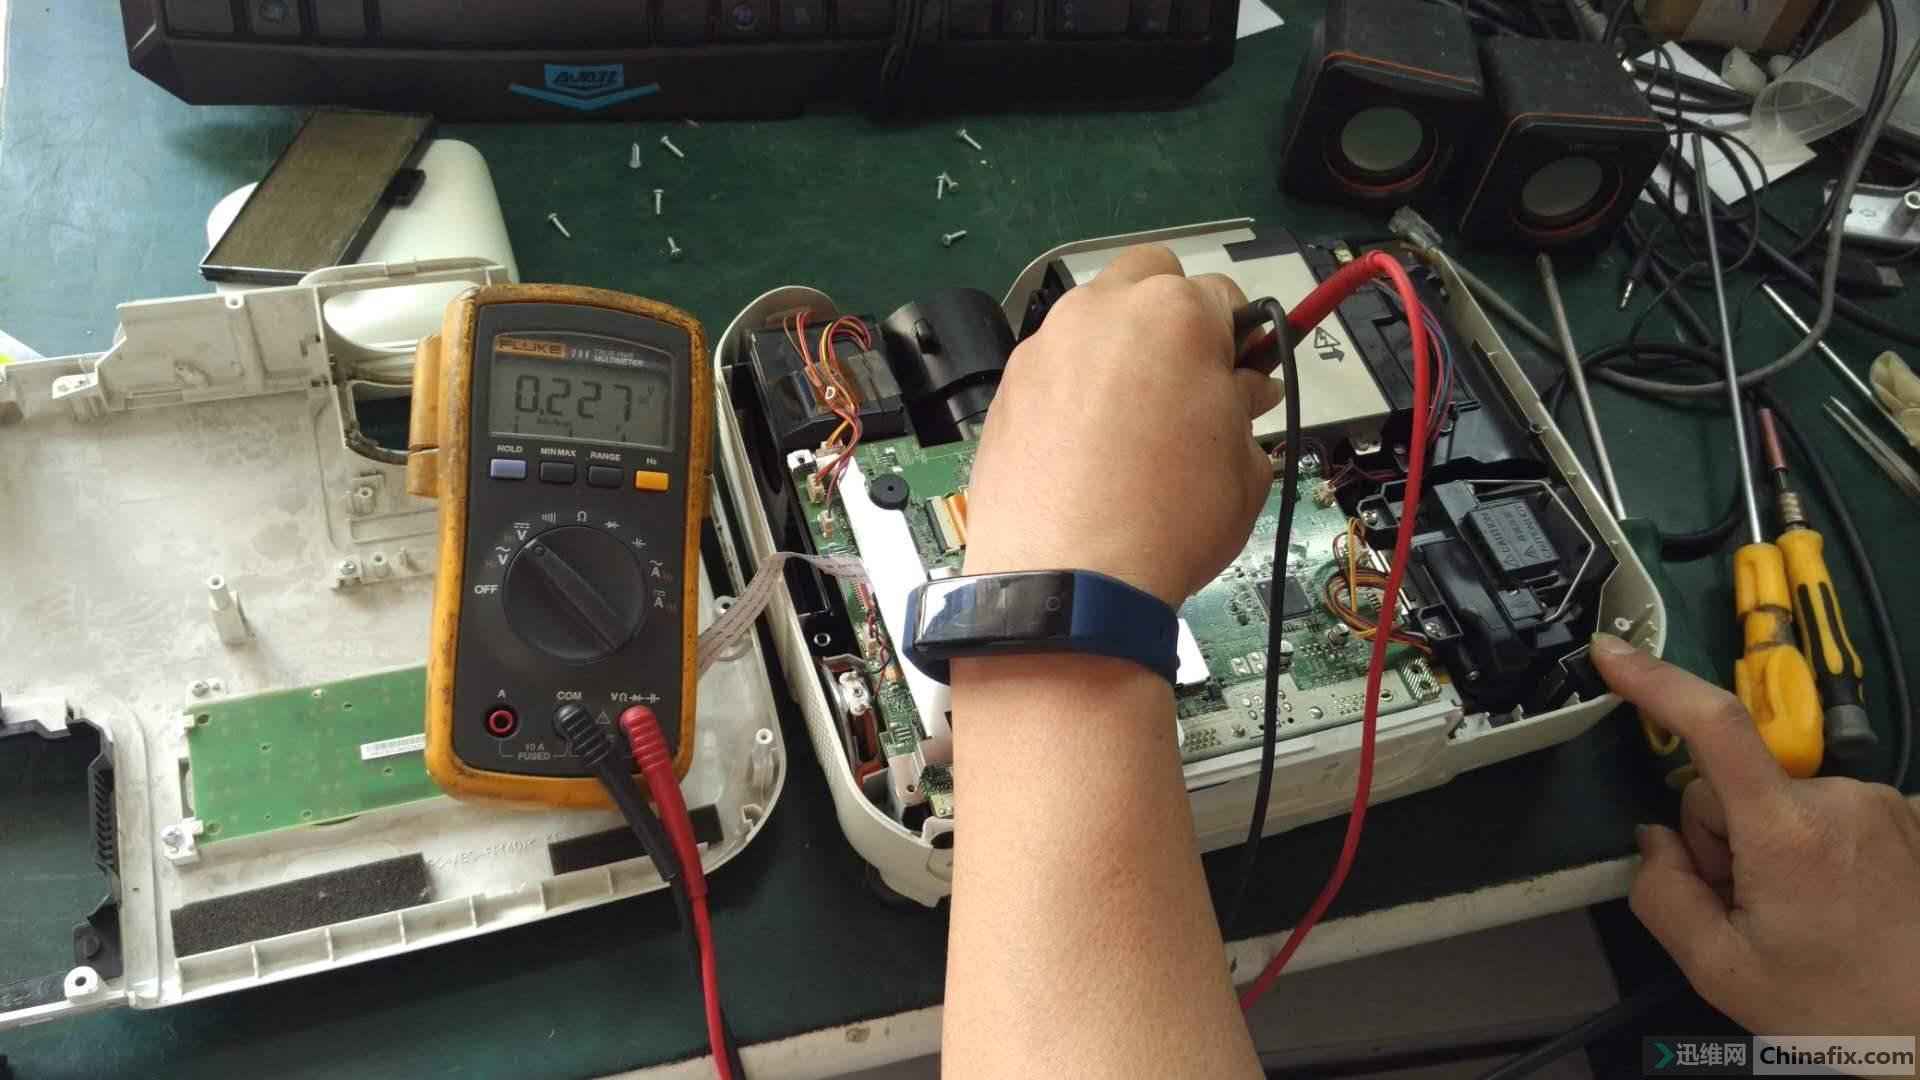 测5V电压不正常,被拉低到0.2几伏